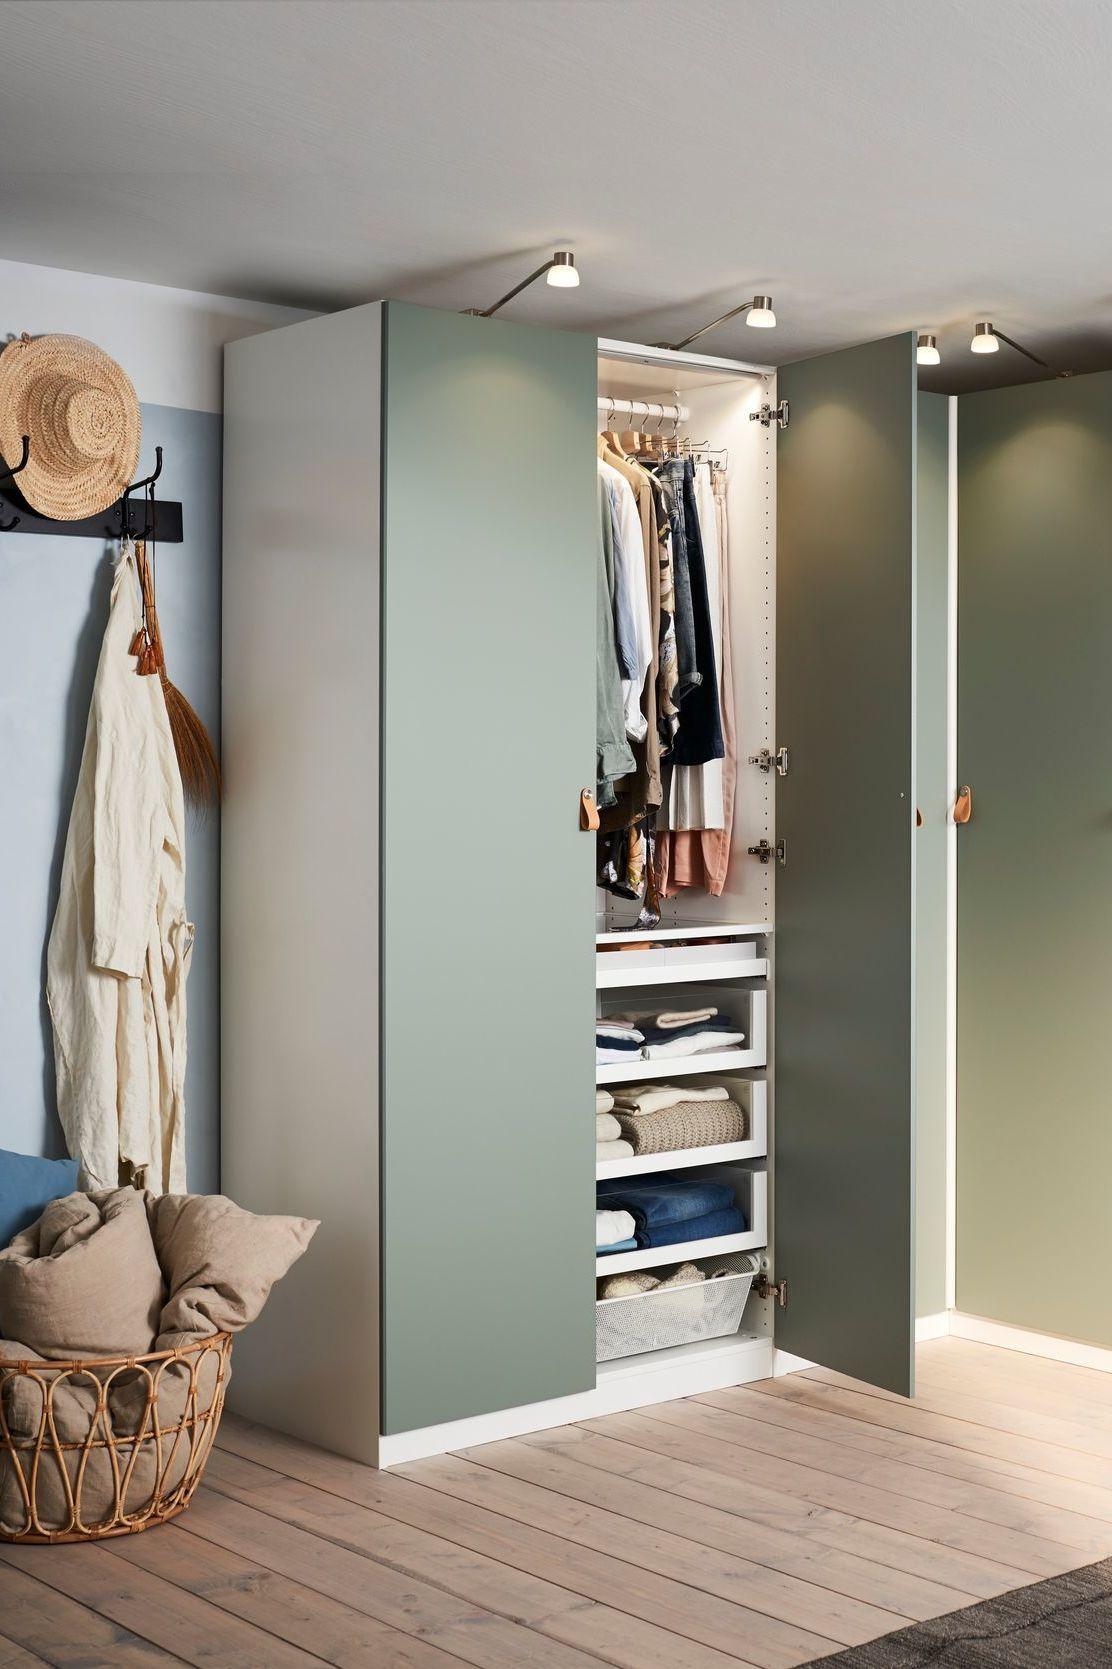 Rangement Gain De Place Des Meubles D Angle Qui Optimisent L Espace Ikea Armoire Chambre Penderie D Angle Meuble